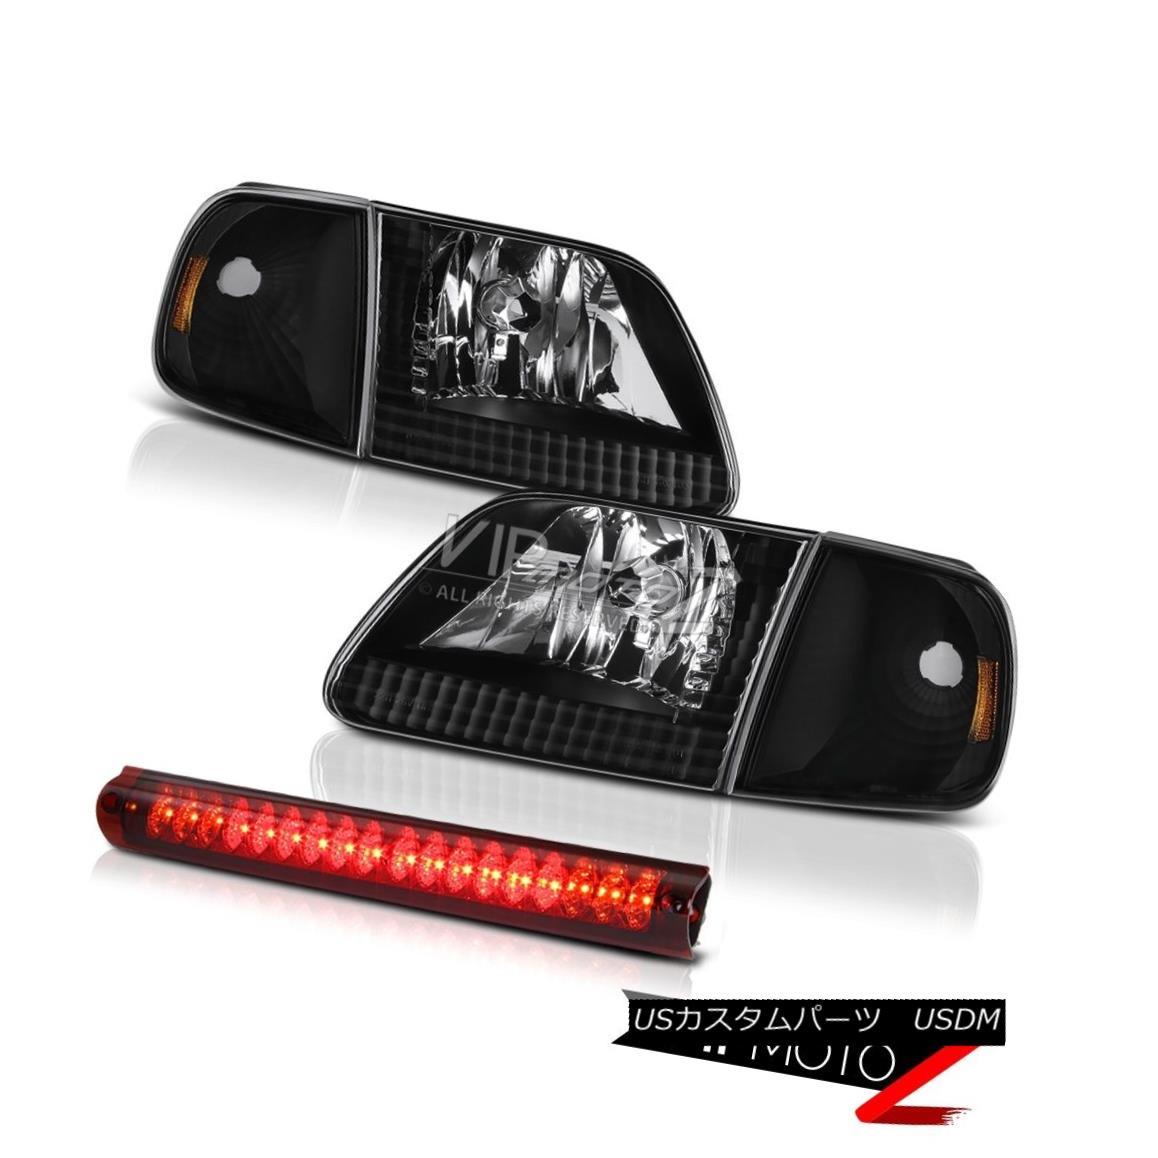 ヘッドライト Parking Headlamps LH+RH High Brake Cargo LED 1997-2003 Ford F150 Flareside 4.6L 駐車用ヘッドライトLH + RHハイブレーキ用カーゴLED 1997-2003 Ford F150 Flareside 4.6L